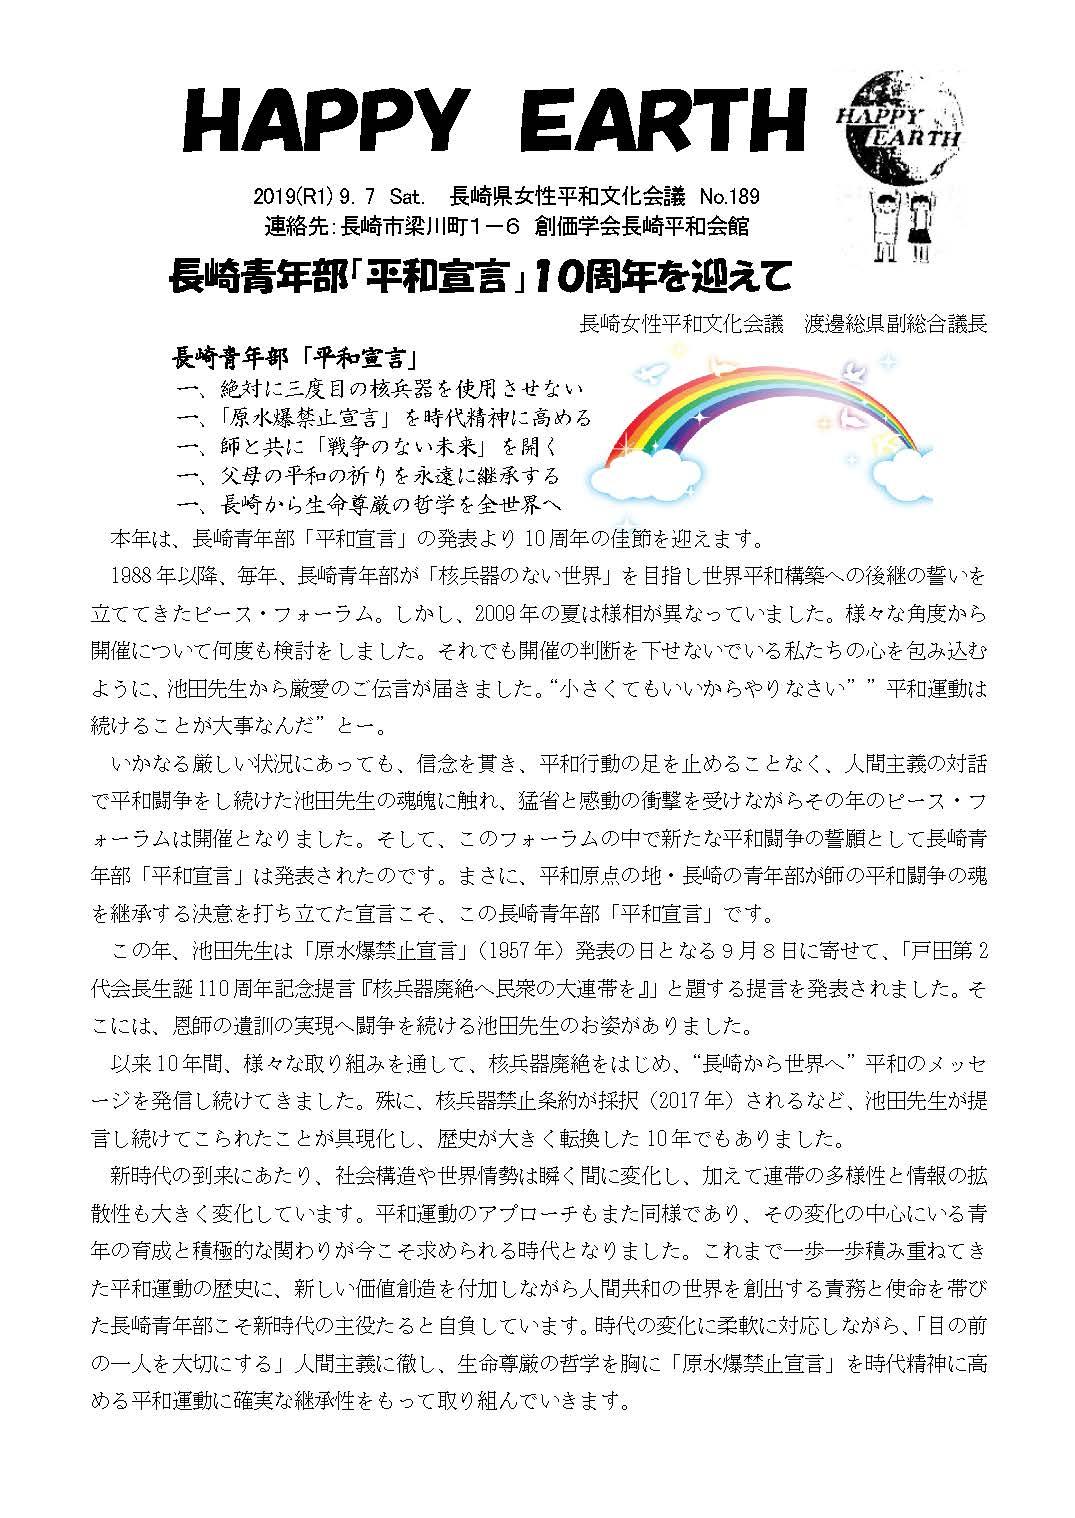 長崎創価学会 HAPPY EARTH. 2019.9.7